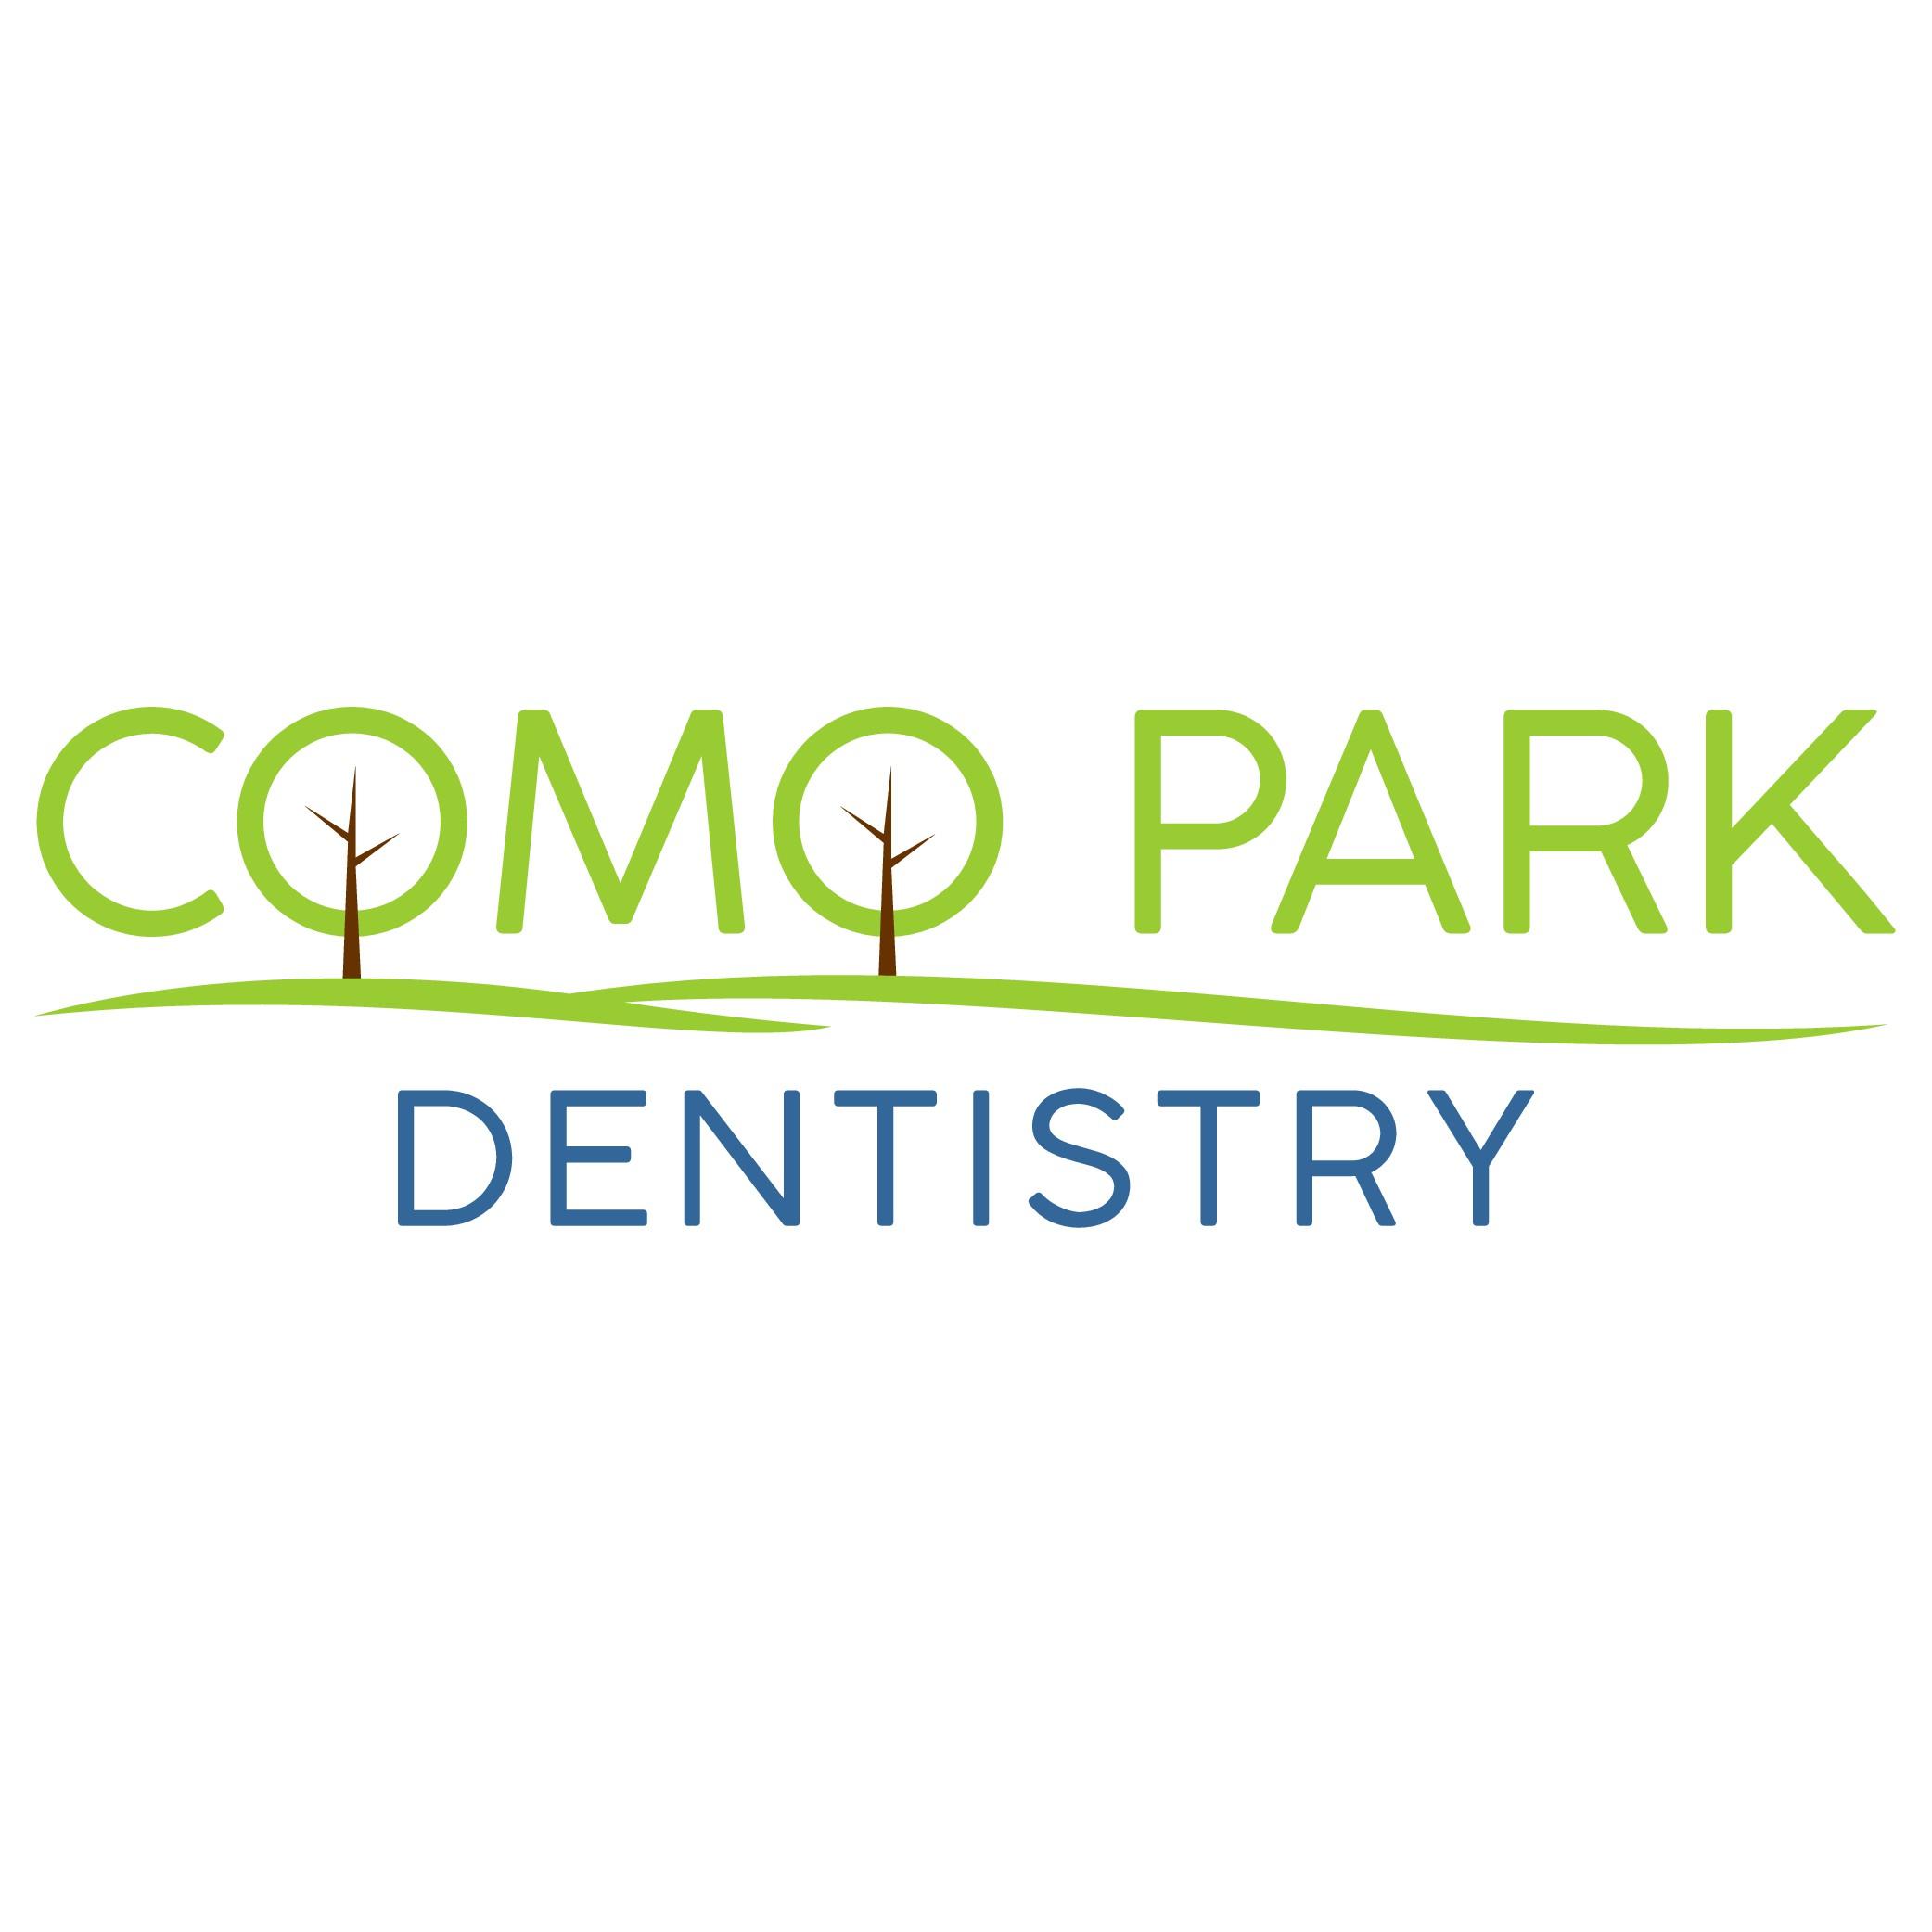 Como Park Dentistry needs your help with a logo!